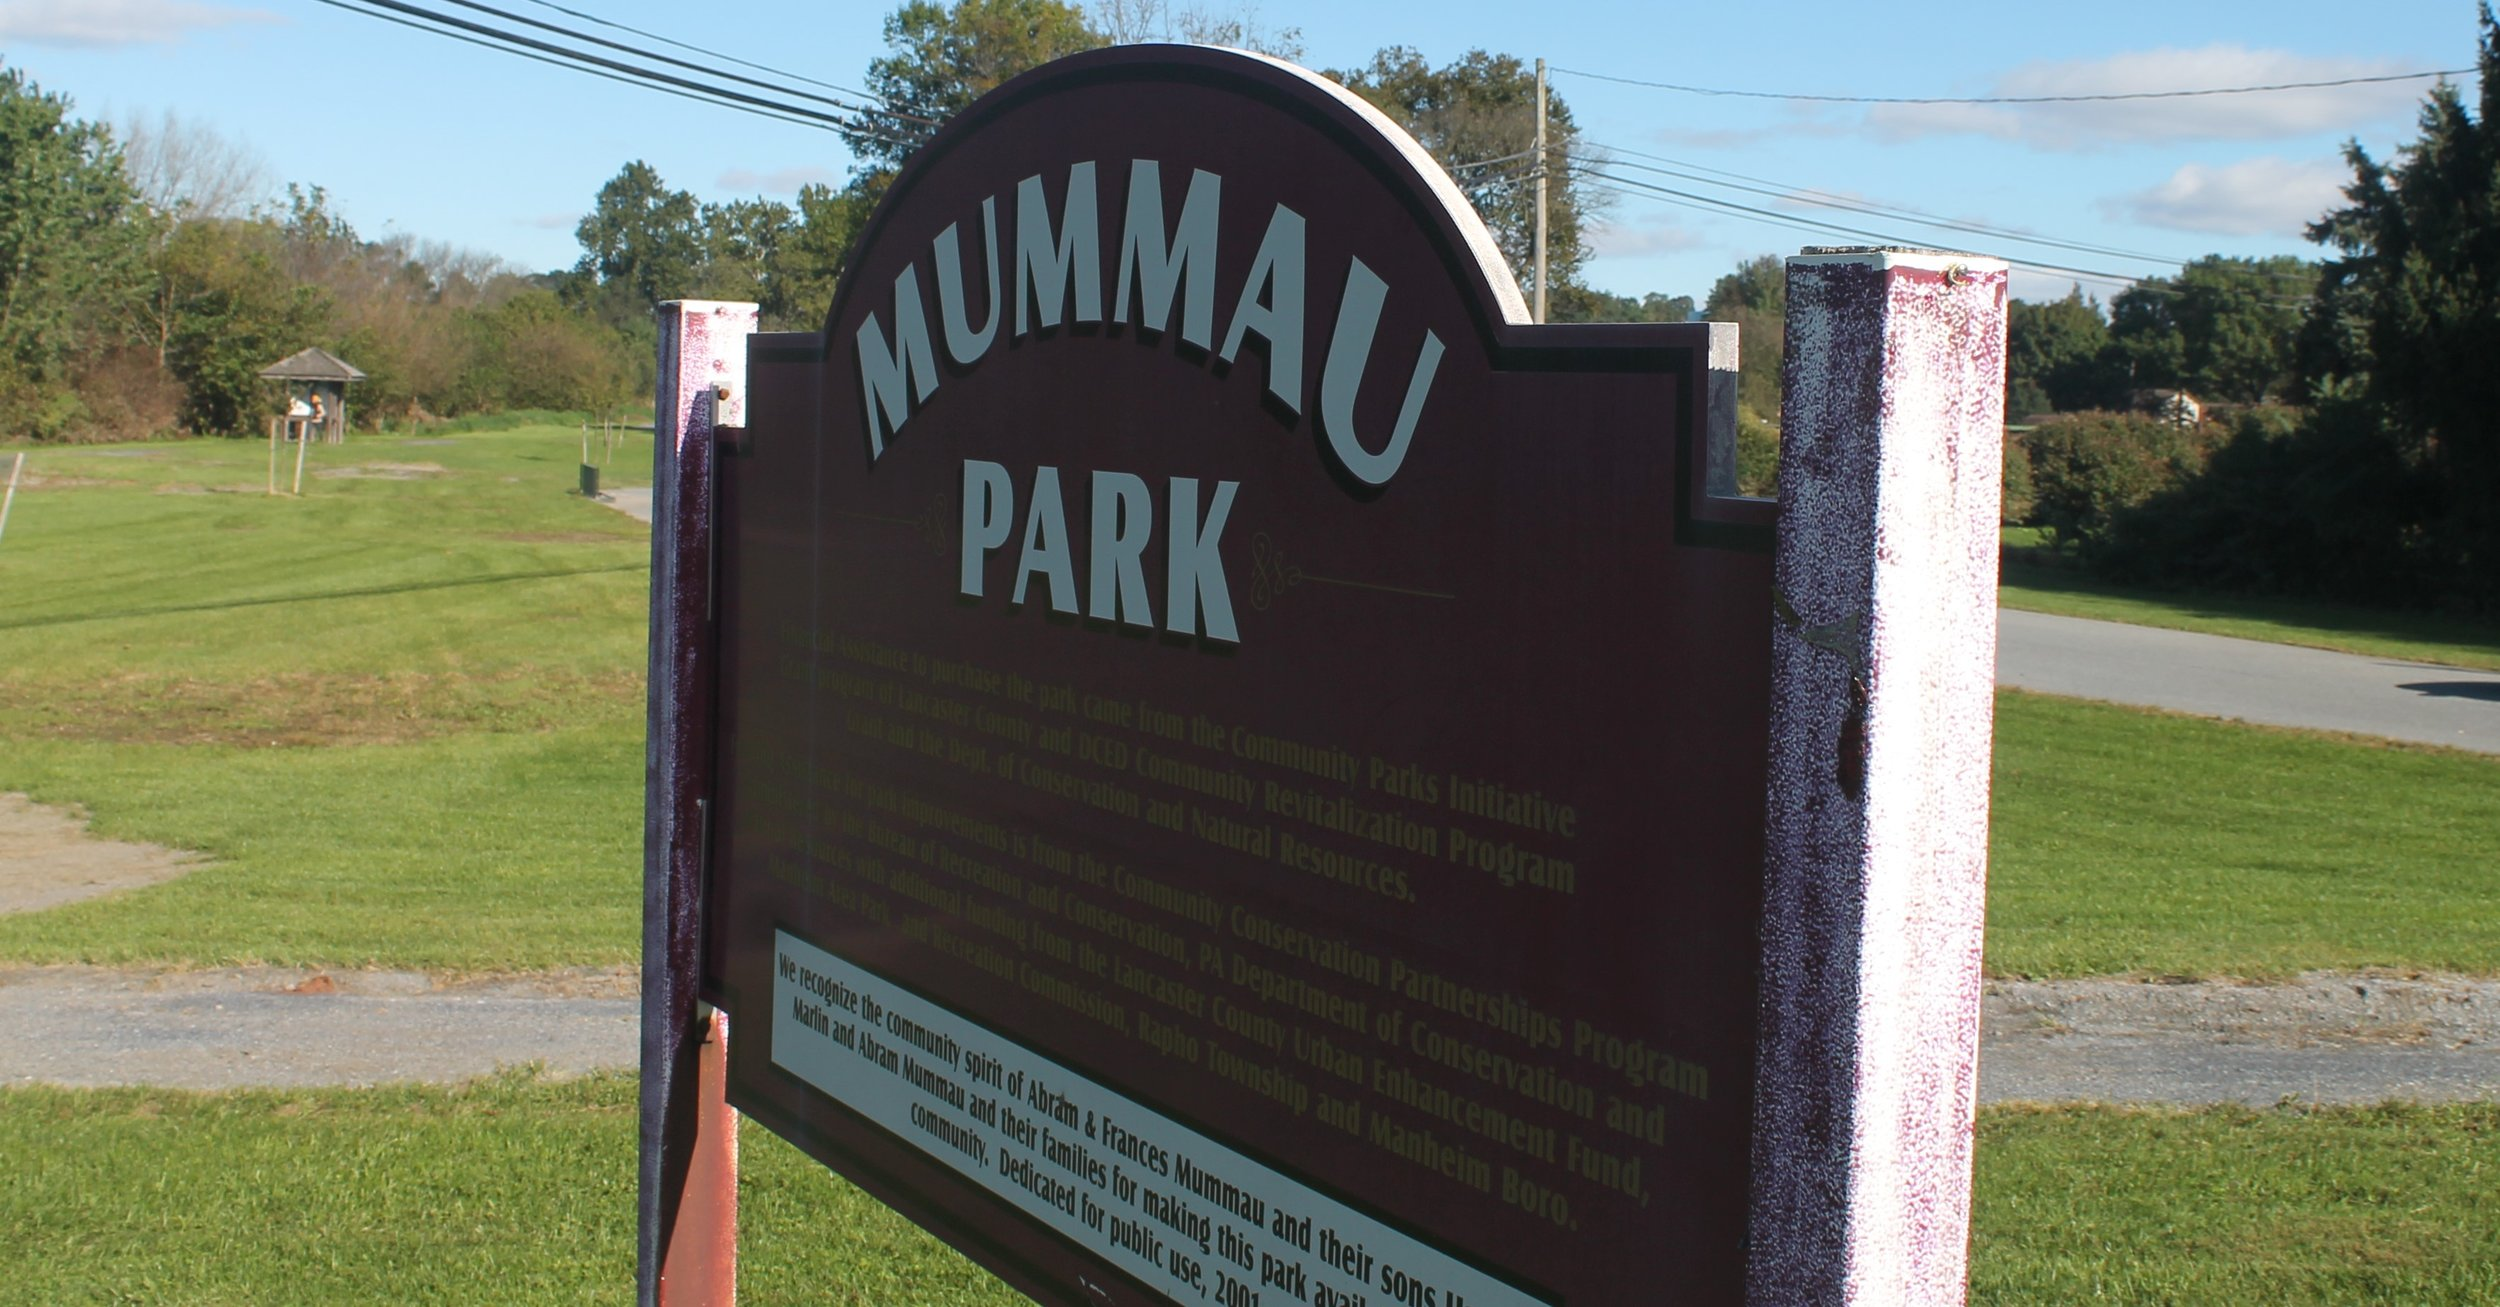 Mummau Park